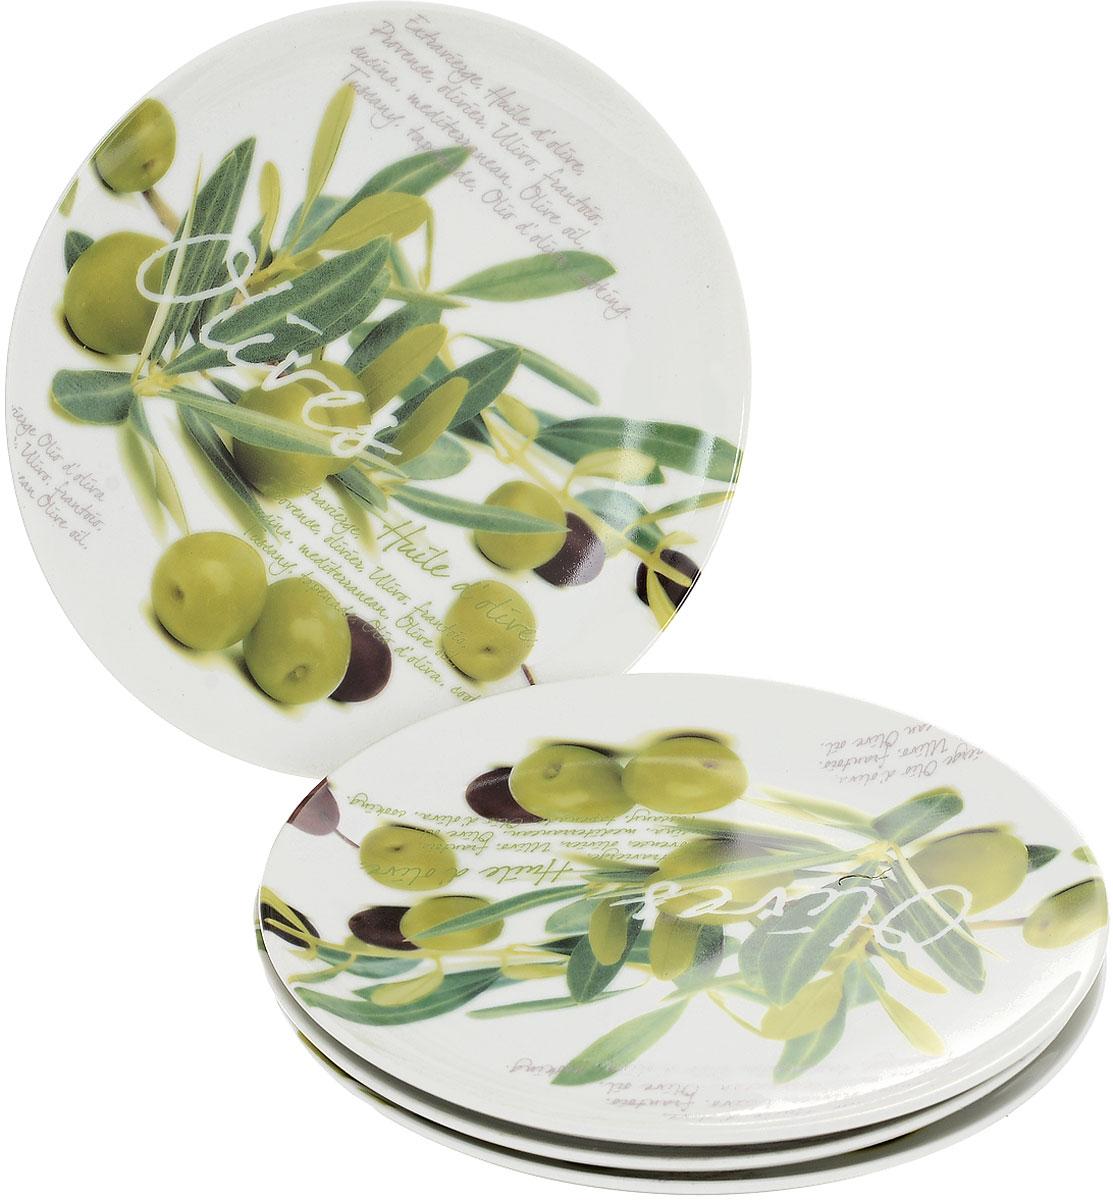 Набор тарелок Nuova R2S Оливки, диаметр 20 см, 4 шт714OVSНабор Nuova R2S Оливки состоит из четырех тарелок, выполненных из высококачественного фарфора. Изделия декорированы красочными изображением оливок. Такой набор изящно украсит сервировку стола и порадует вас дизайном.